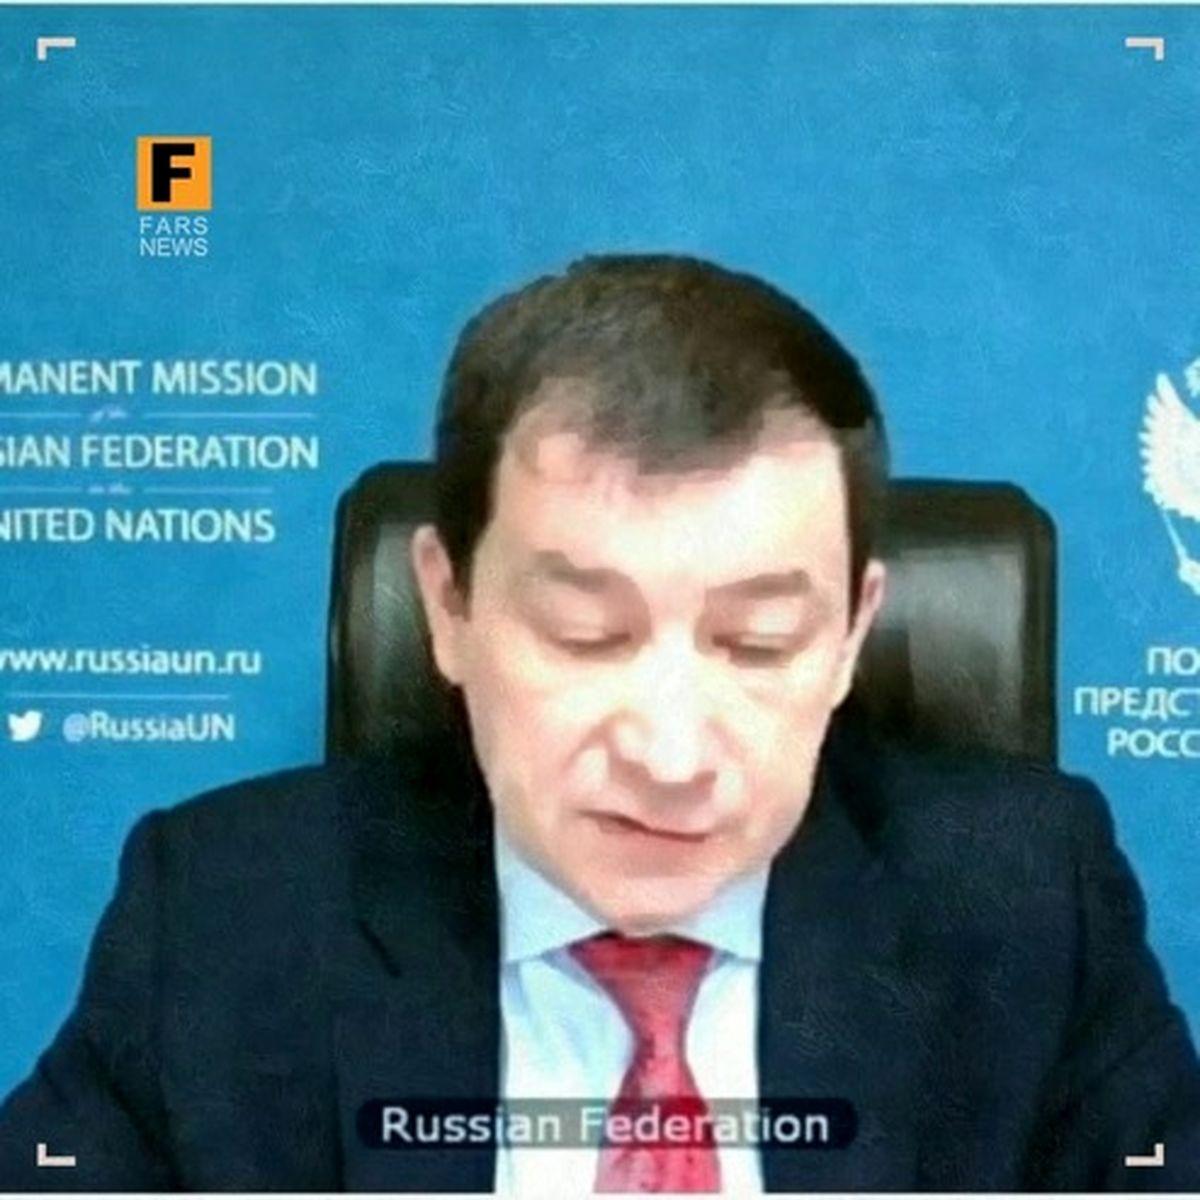 اعتراض روسیه به عدم محکومیت ترور شهید فخریزاده